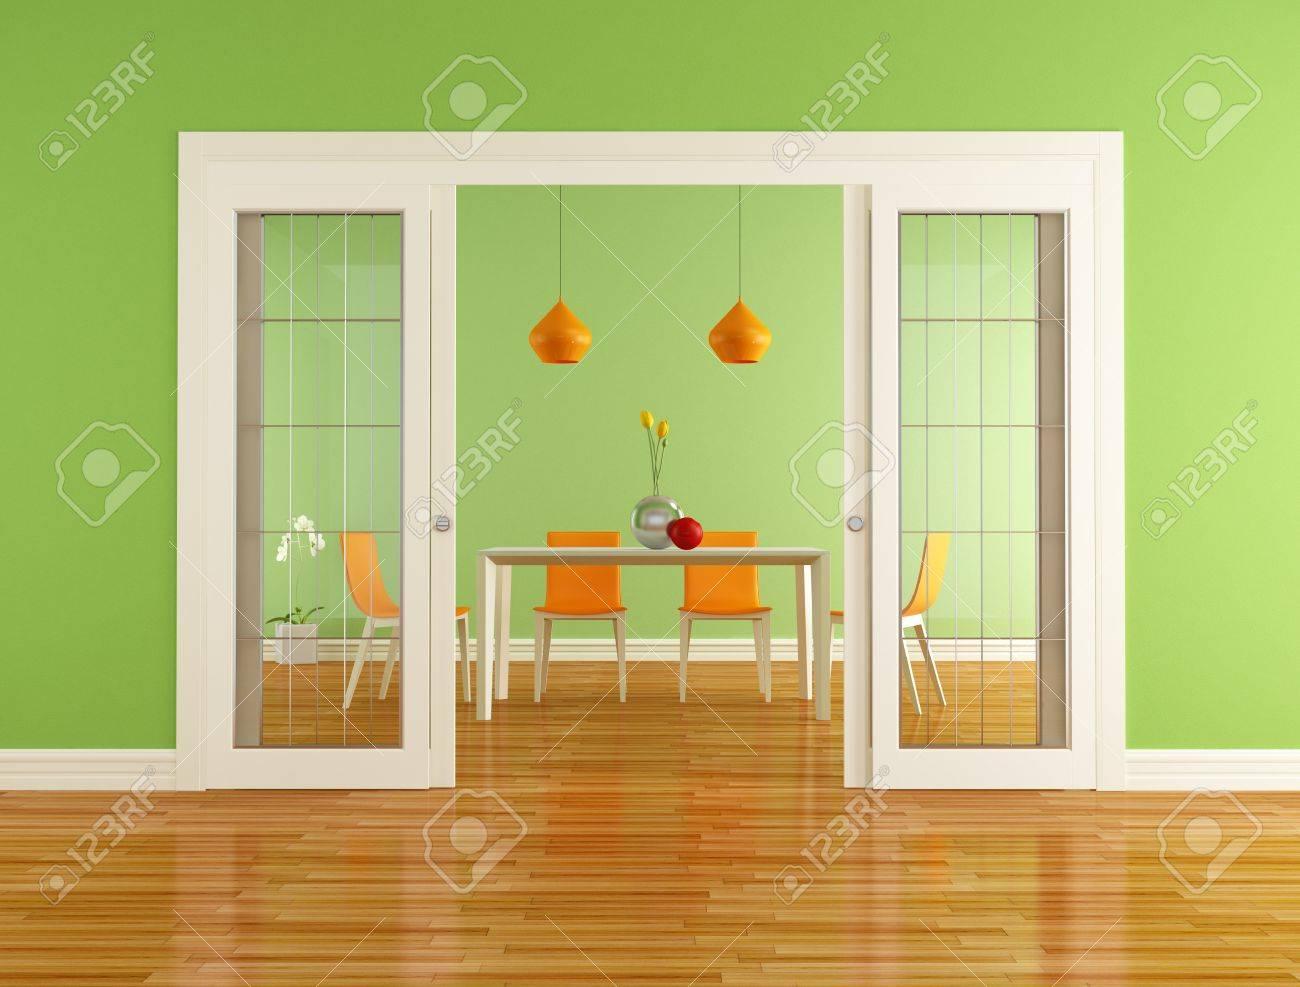 banque dimages salle manger vert et orange avec porte coulissante ouverte rendu